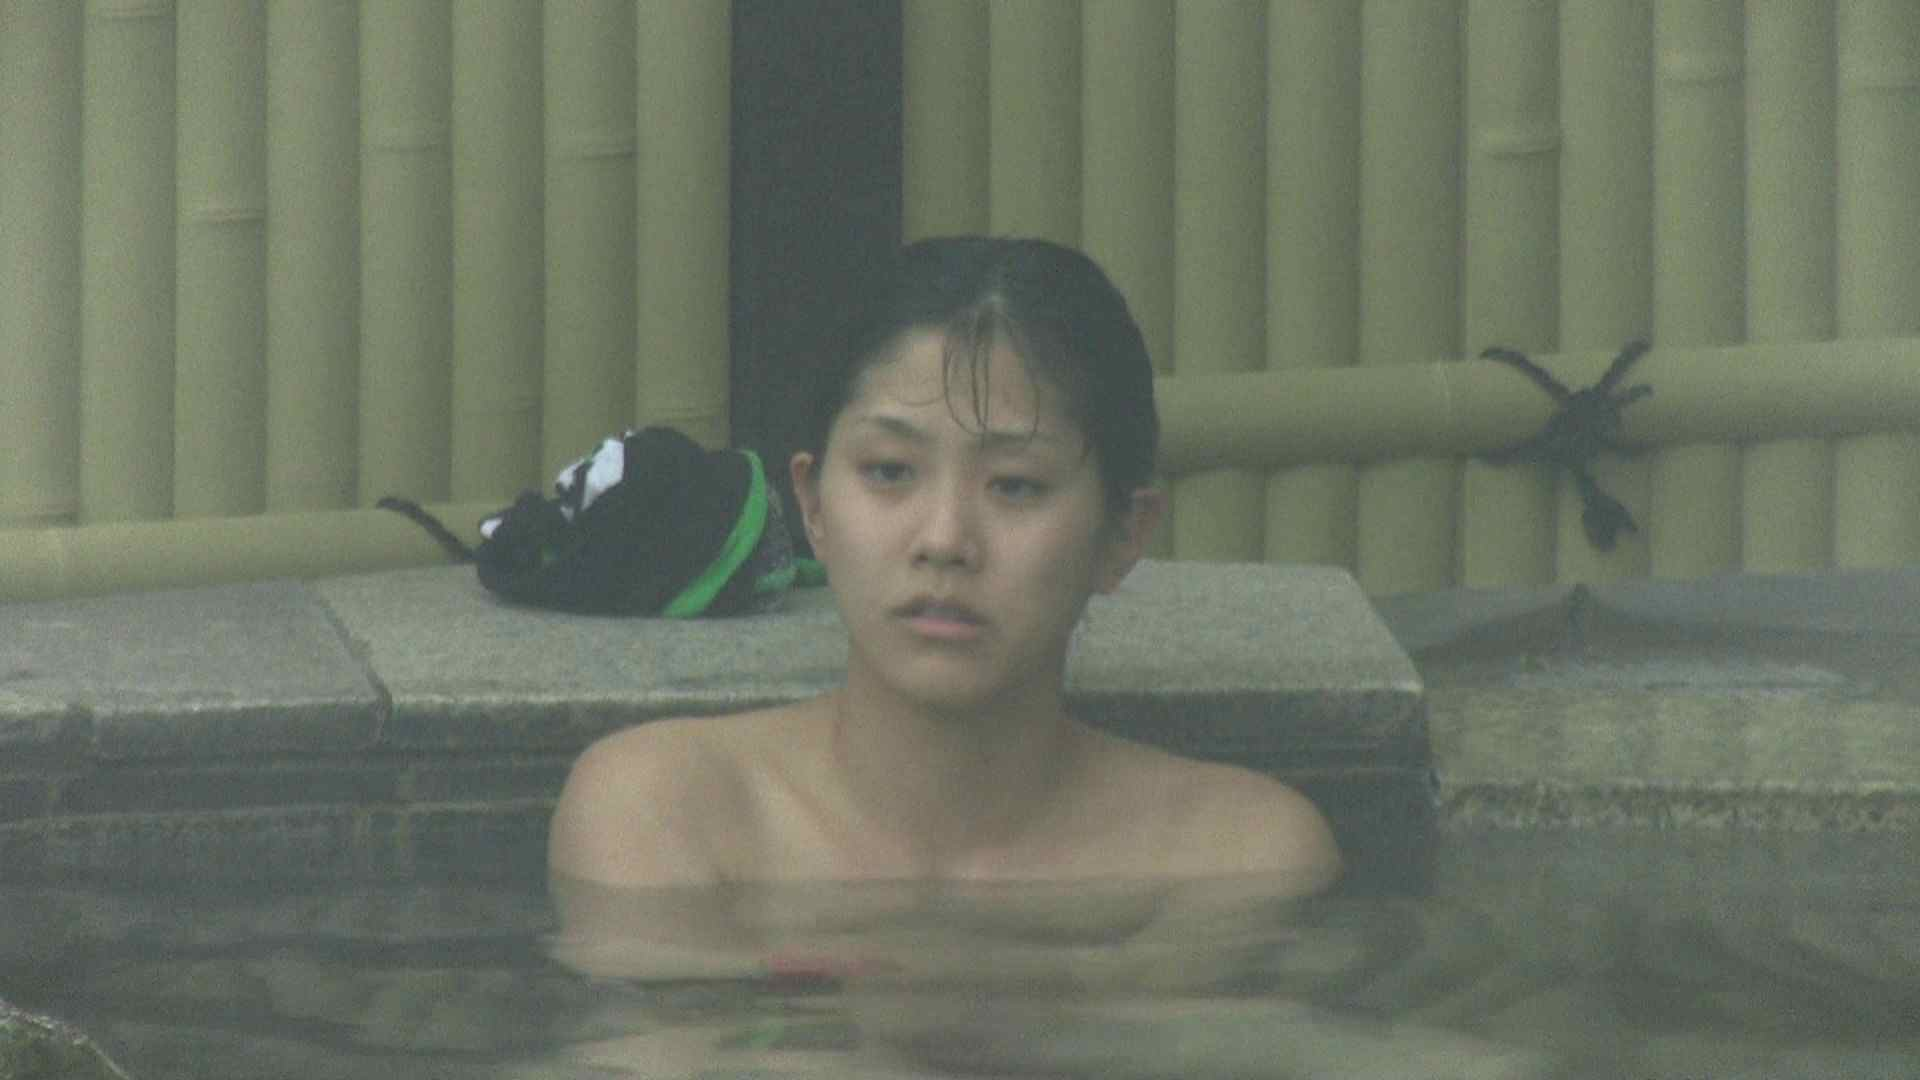 Aquaな露天風呂Vol.174 盗撮 | 露天風呂  89連発 61